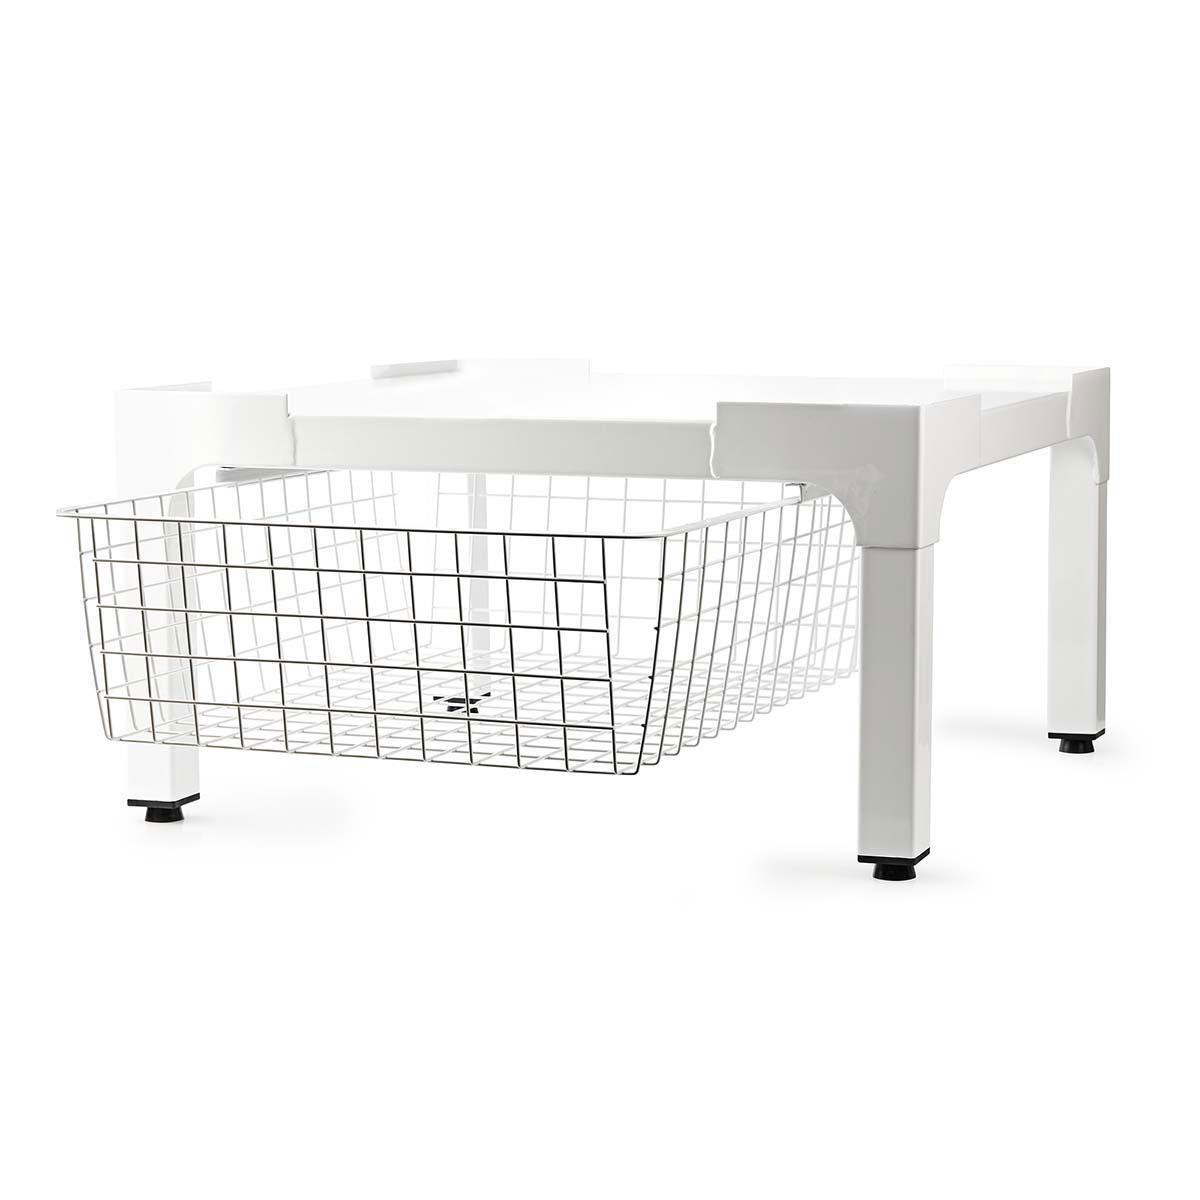 schweres podest f r waschmaschine waschmaschinensockel mit ausziehbarem korb ebay. Black Bedroom Furniture Sets. Home Design Ideas